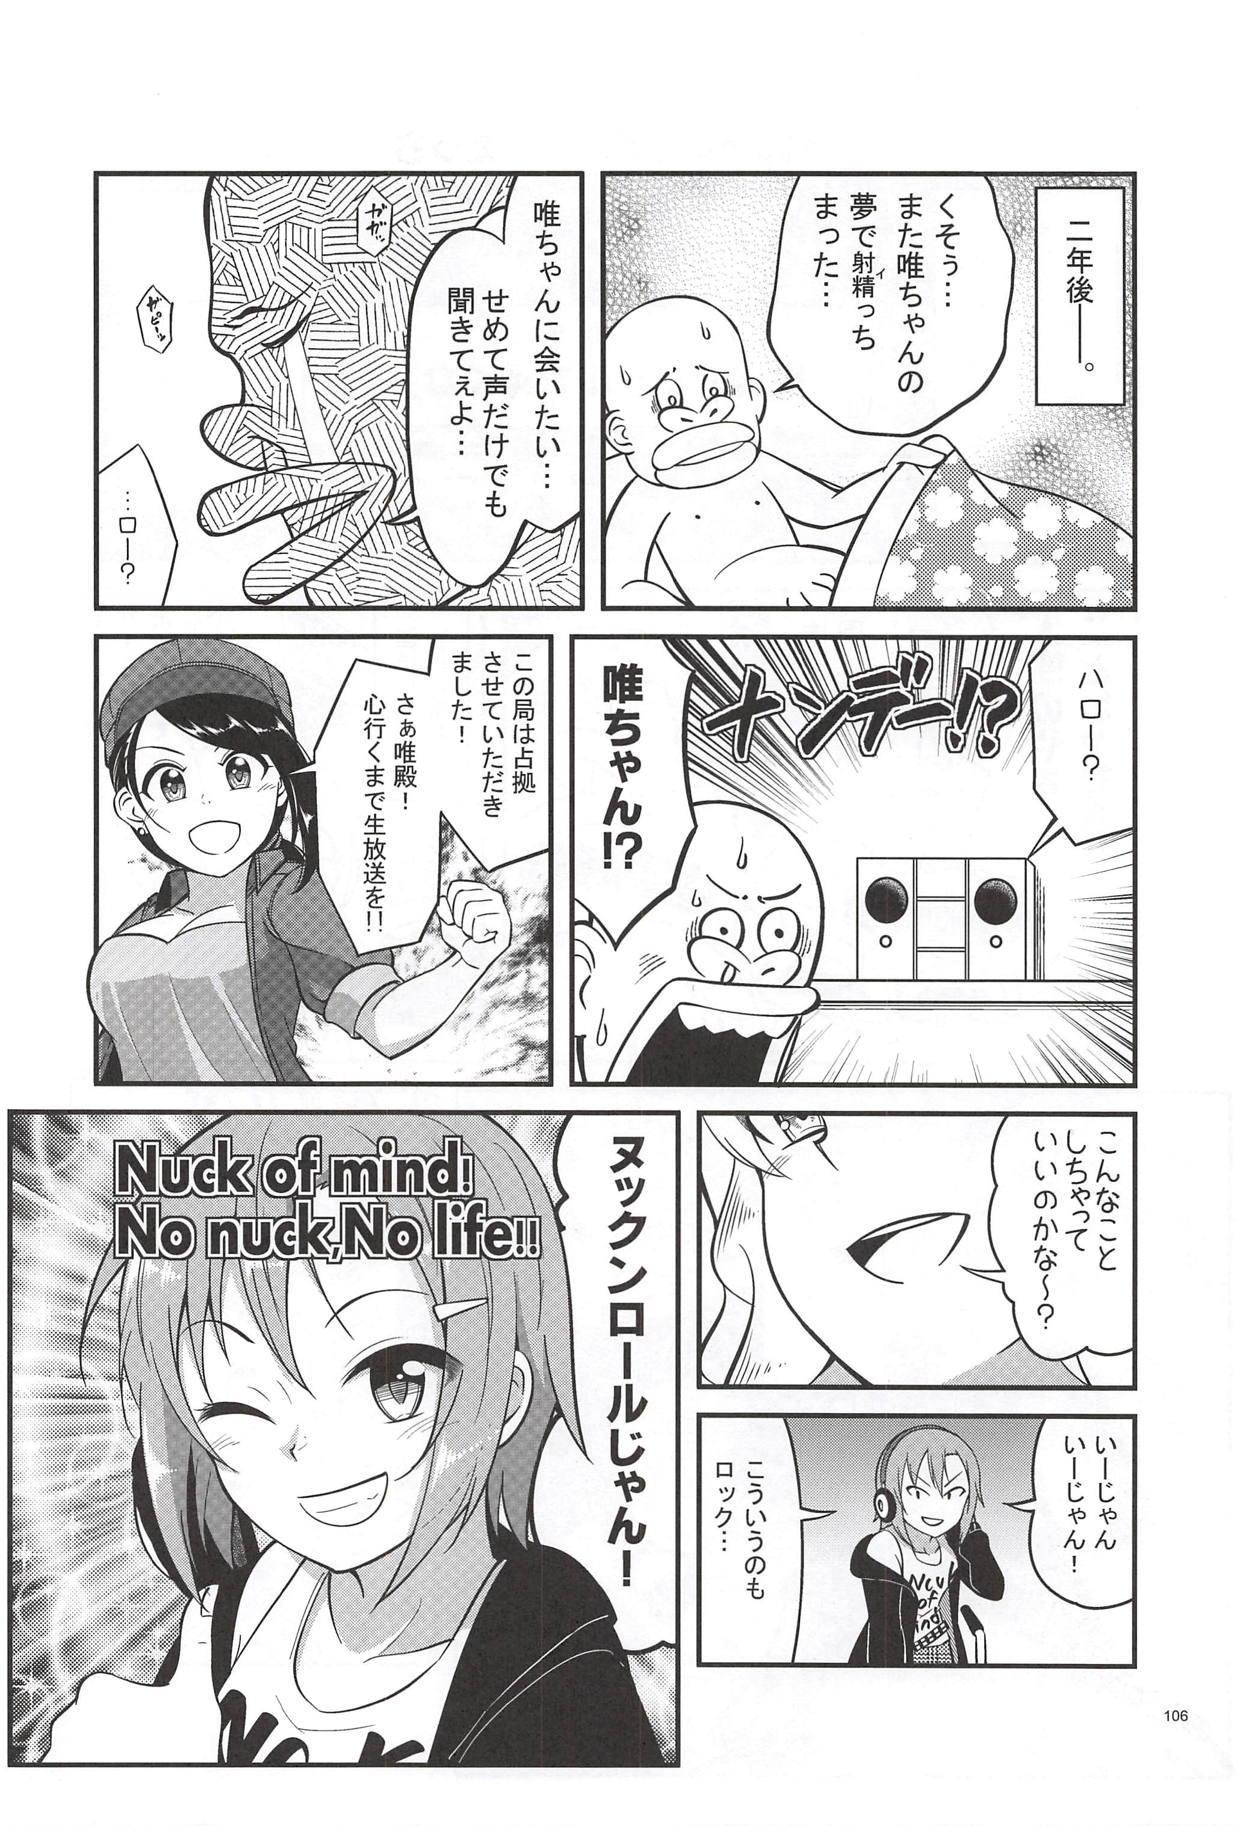 Ootsuki Yui no Viva Ecchi 102